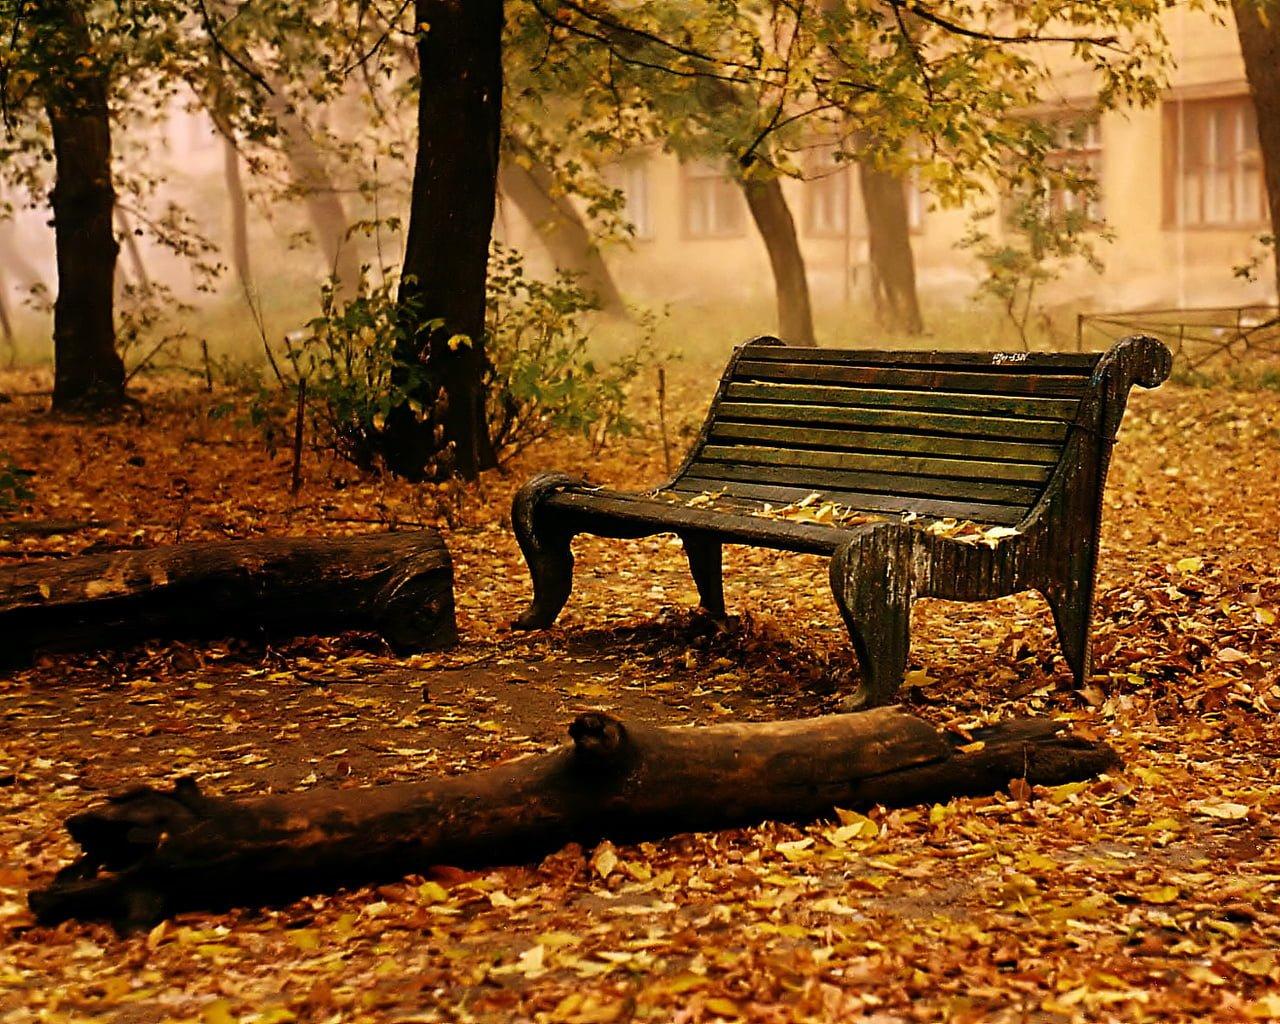 Sonbahardan Güzel Manzaralar - Sonbahar ve Bank